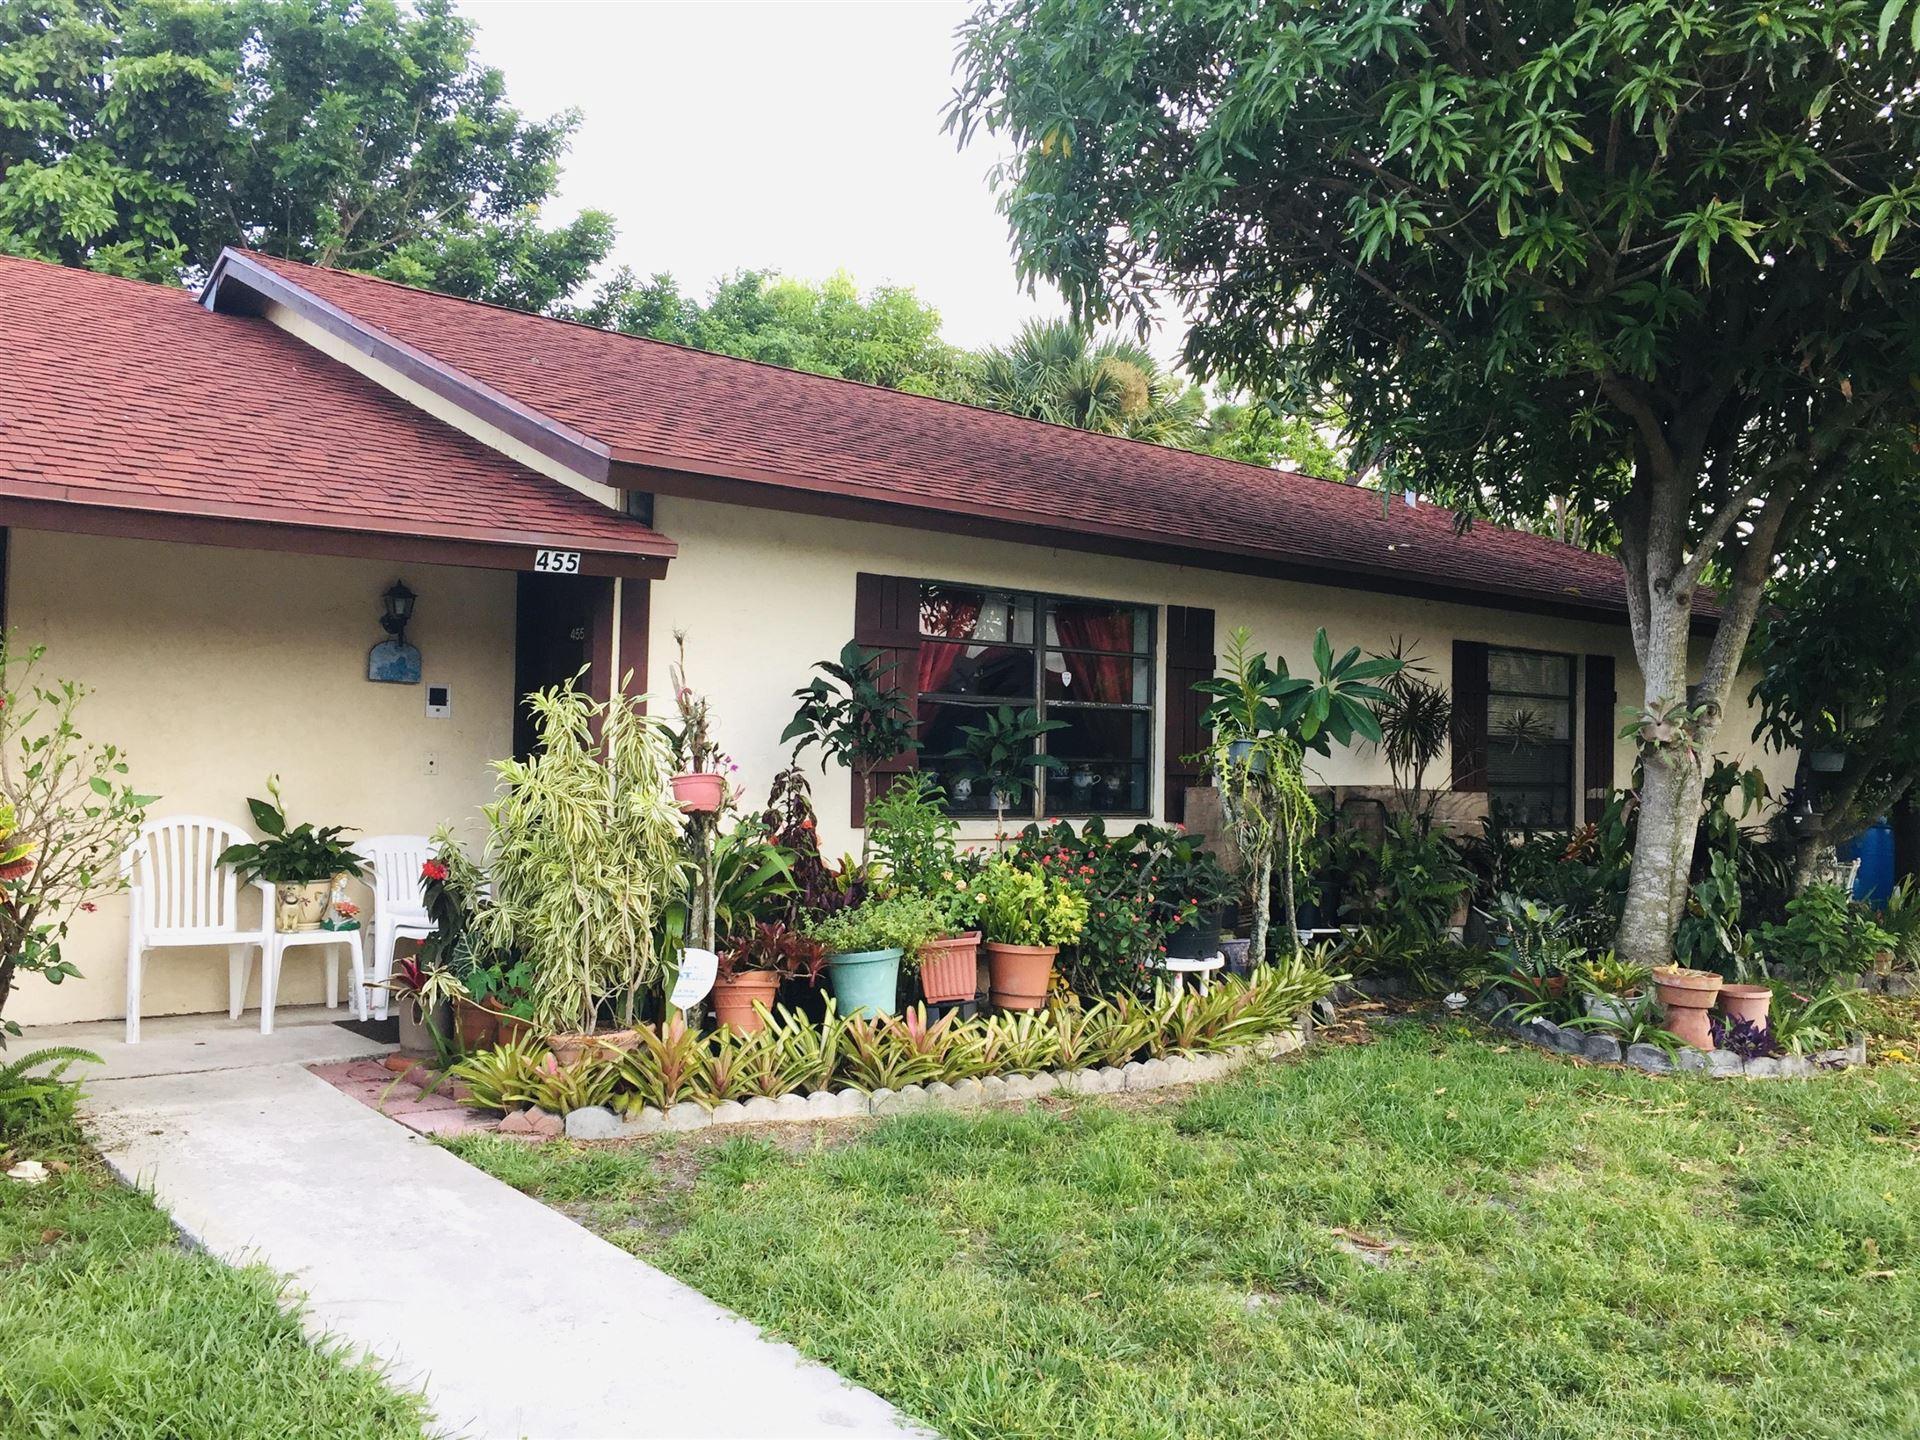 455 Glenwood Drive, West Palm Beach, FL 33415 - #: RX-10635336